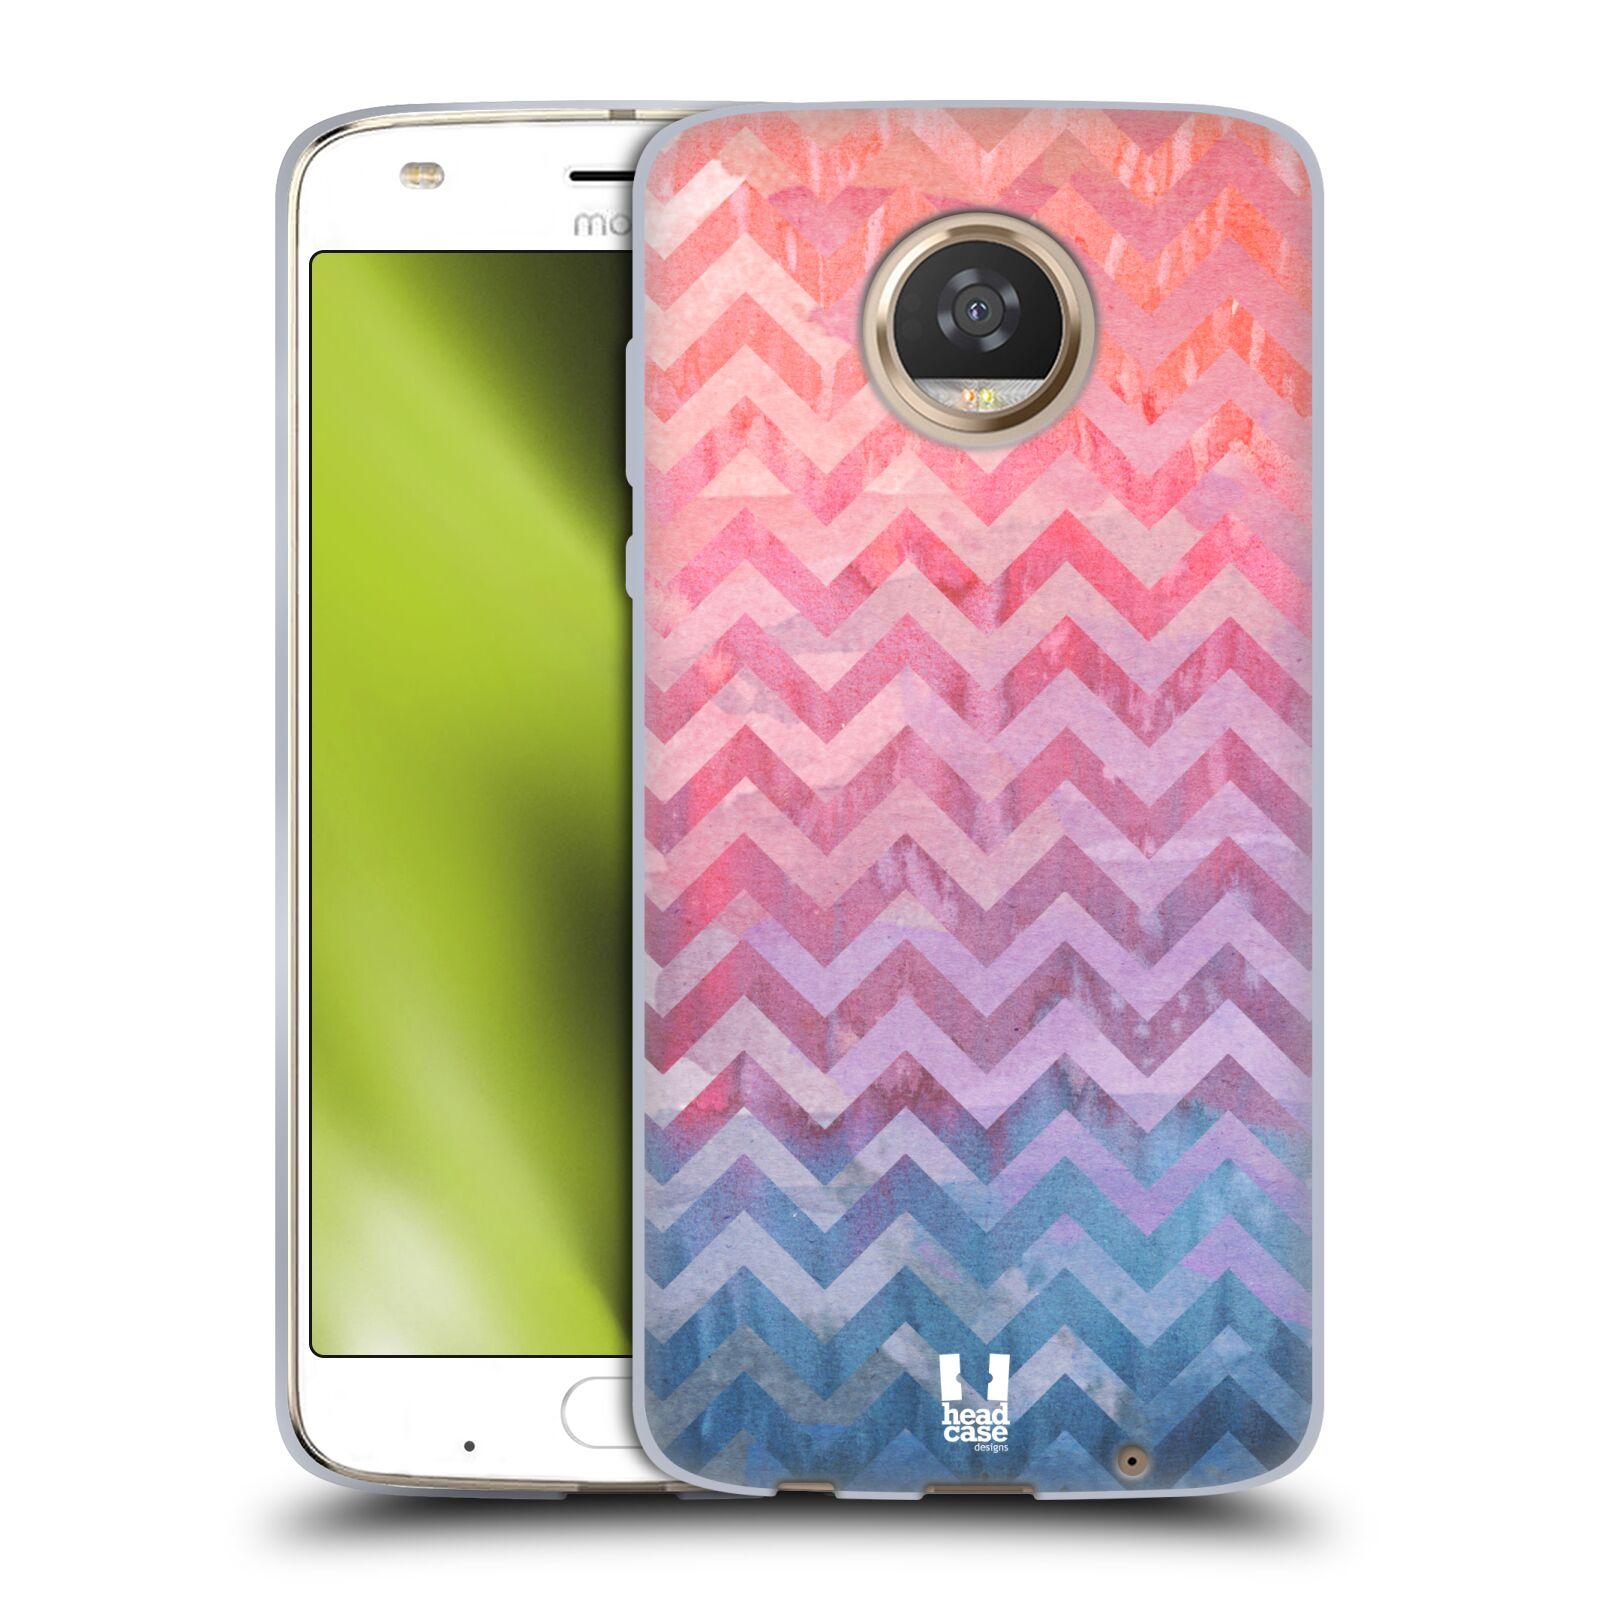 Silikonové pouzdro na mobil Lenovo Moto Z2 Play - Head Case - Pink Chevron (Silikonový kryt či obal na mobilní telefon Lenovo Moto Z2 Play s motivem Pink Chevron)